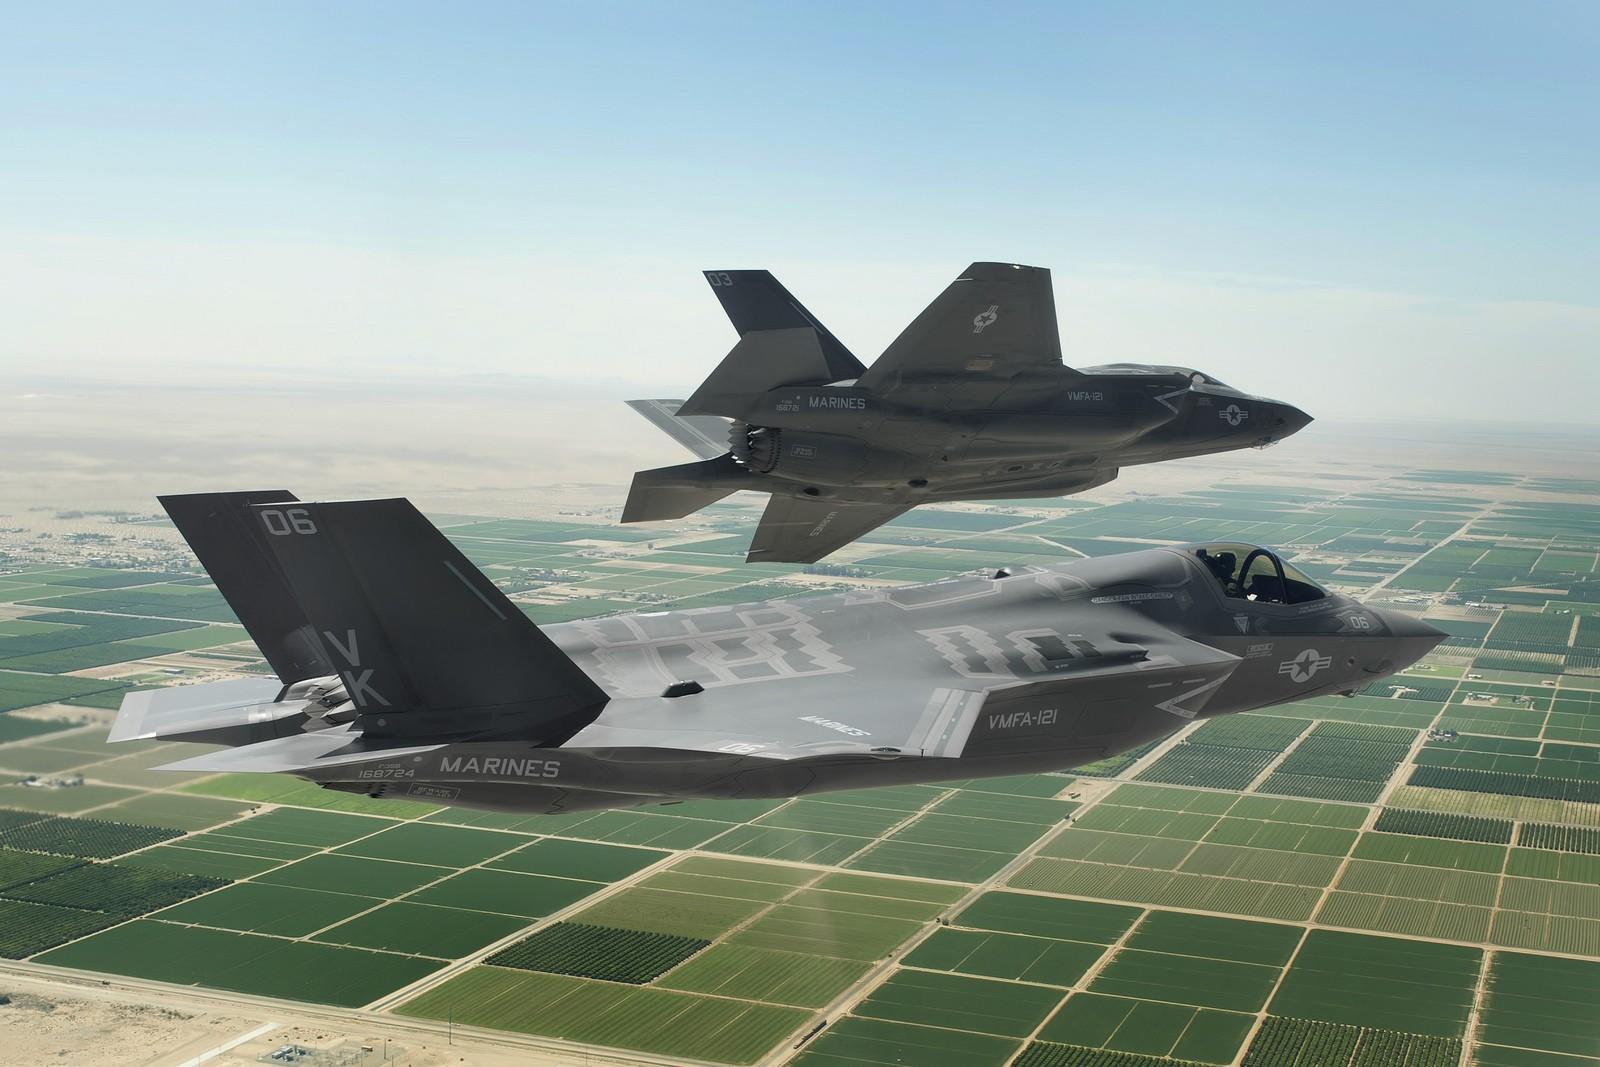 엔진 문제로 잠시 비행 중지되었던 F-35 전투기